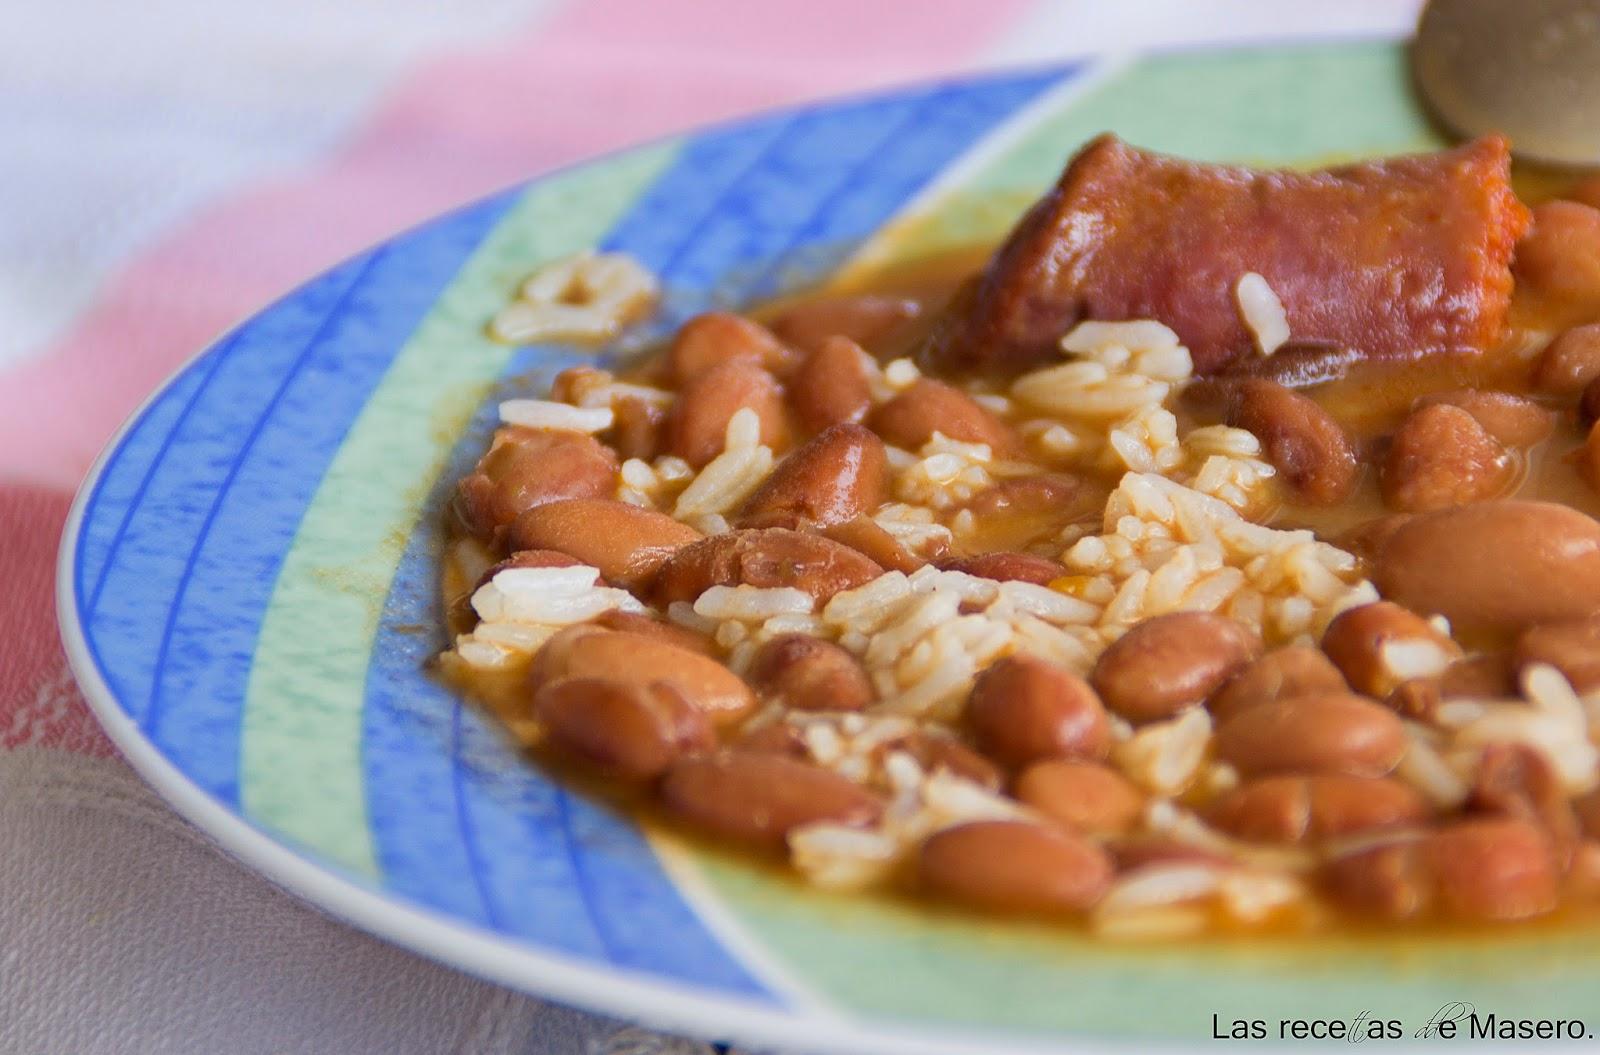 Las recetas de masero jud as pintas con arroz - Judias pintas con arroz olla express ...